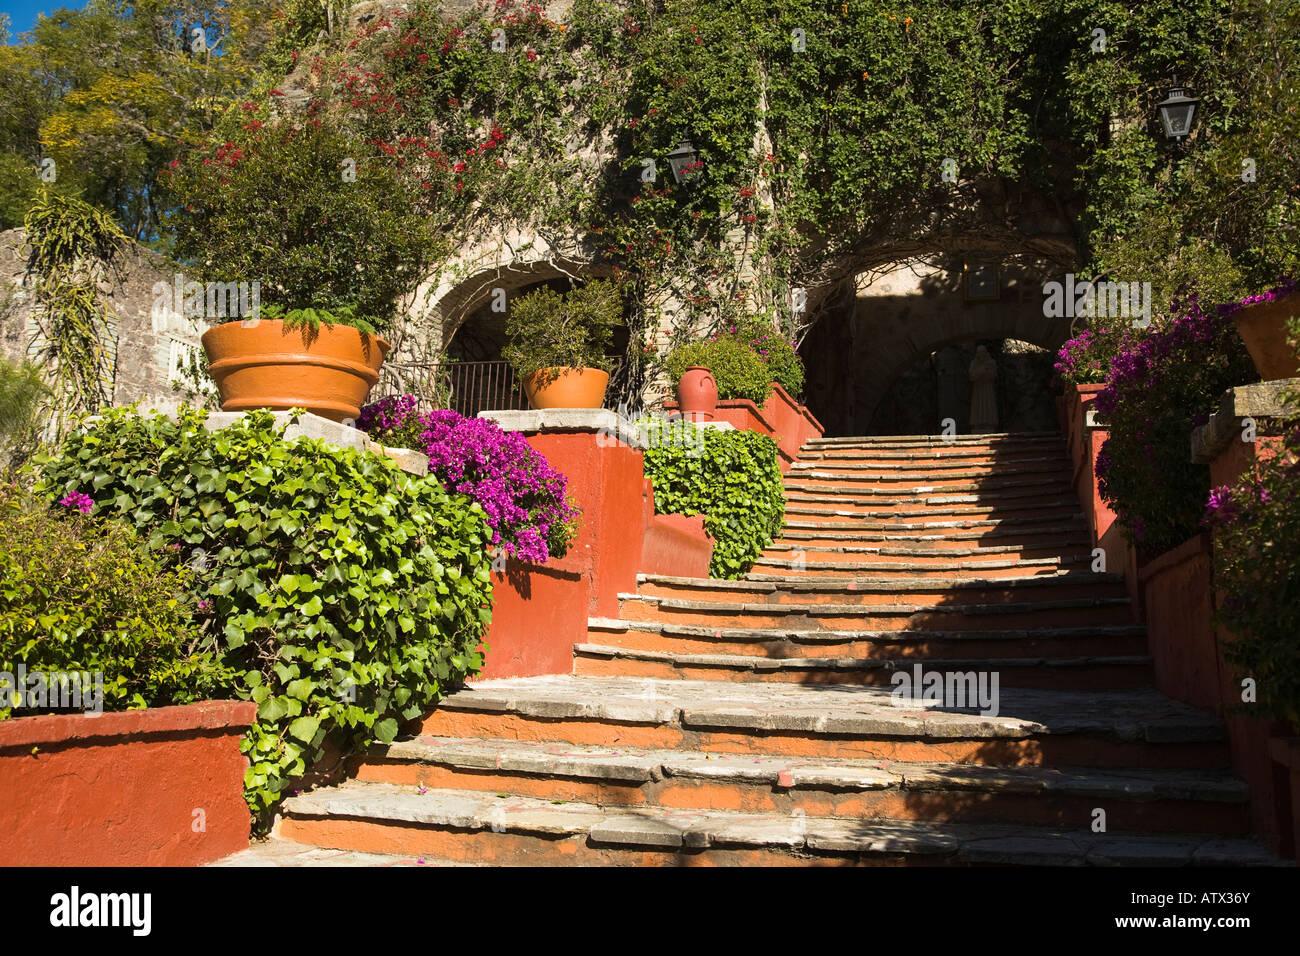 MEXICO Guanajuato Plants growing along stone stairway in garden ex hacienda de San Gabriel de Barrera Stock Photo